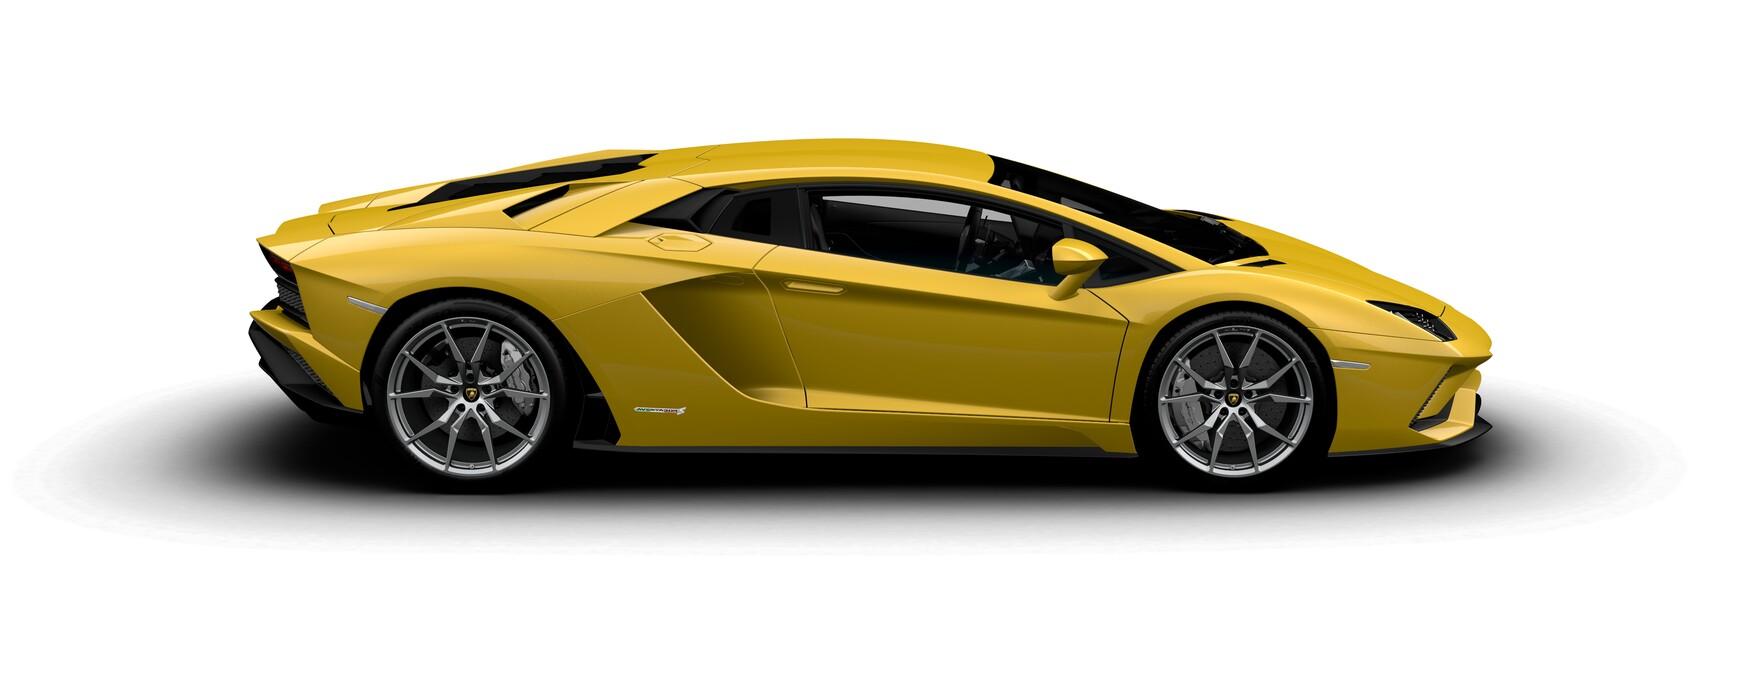 Lamborghini Aventador S Coupe pearl New Giallo Orion side view